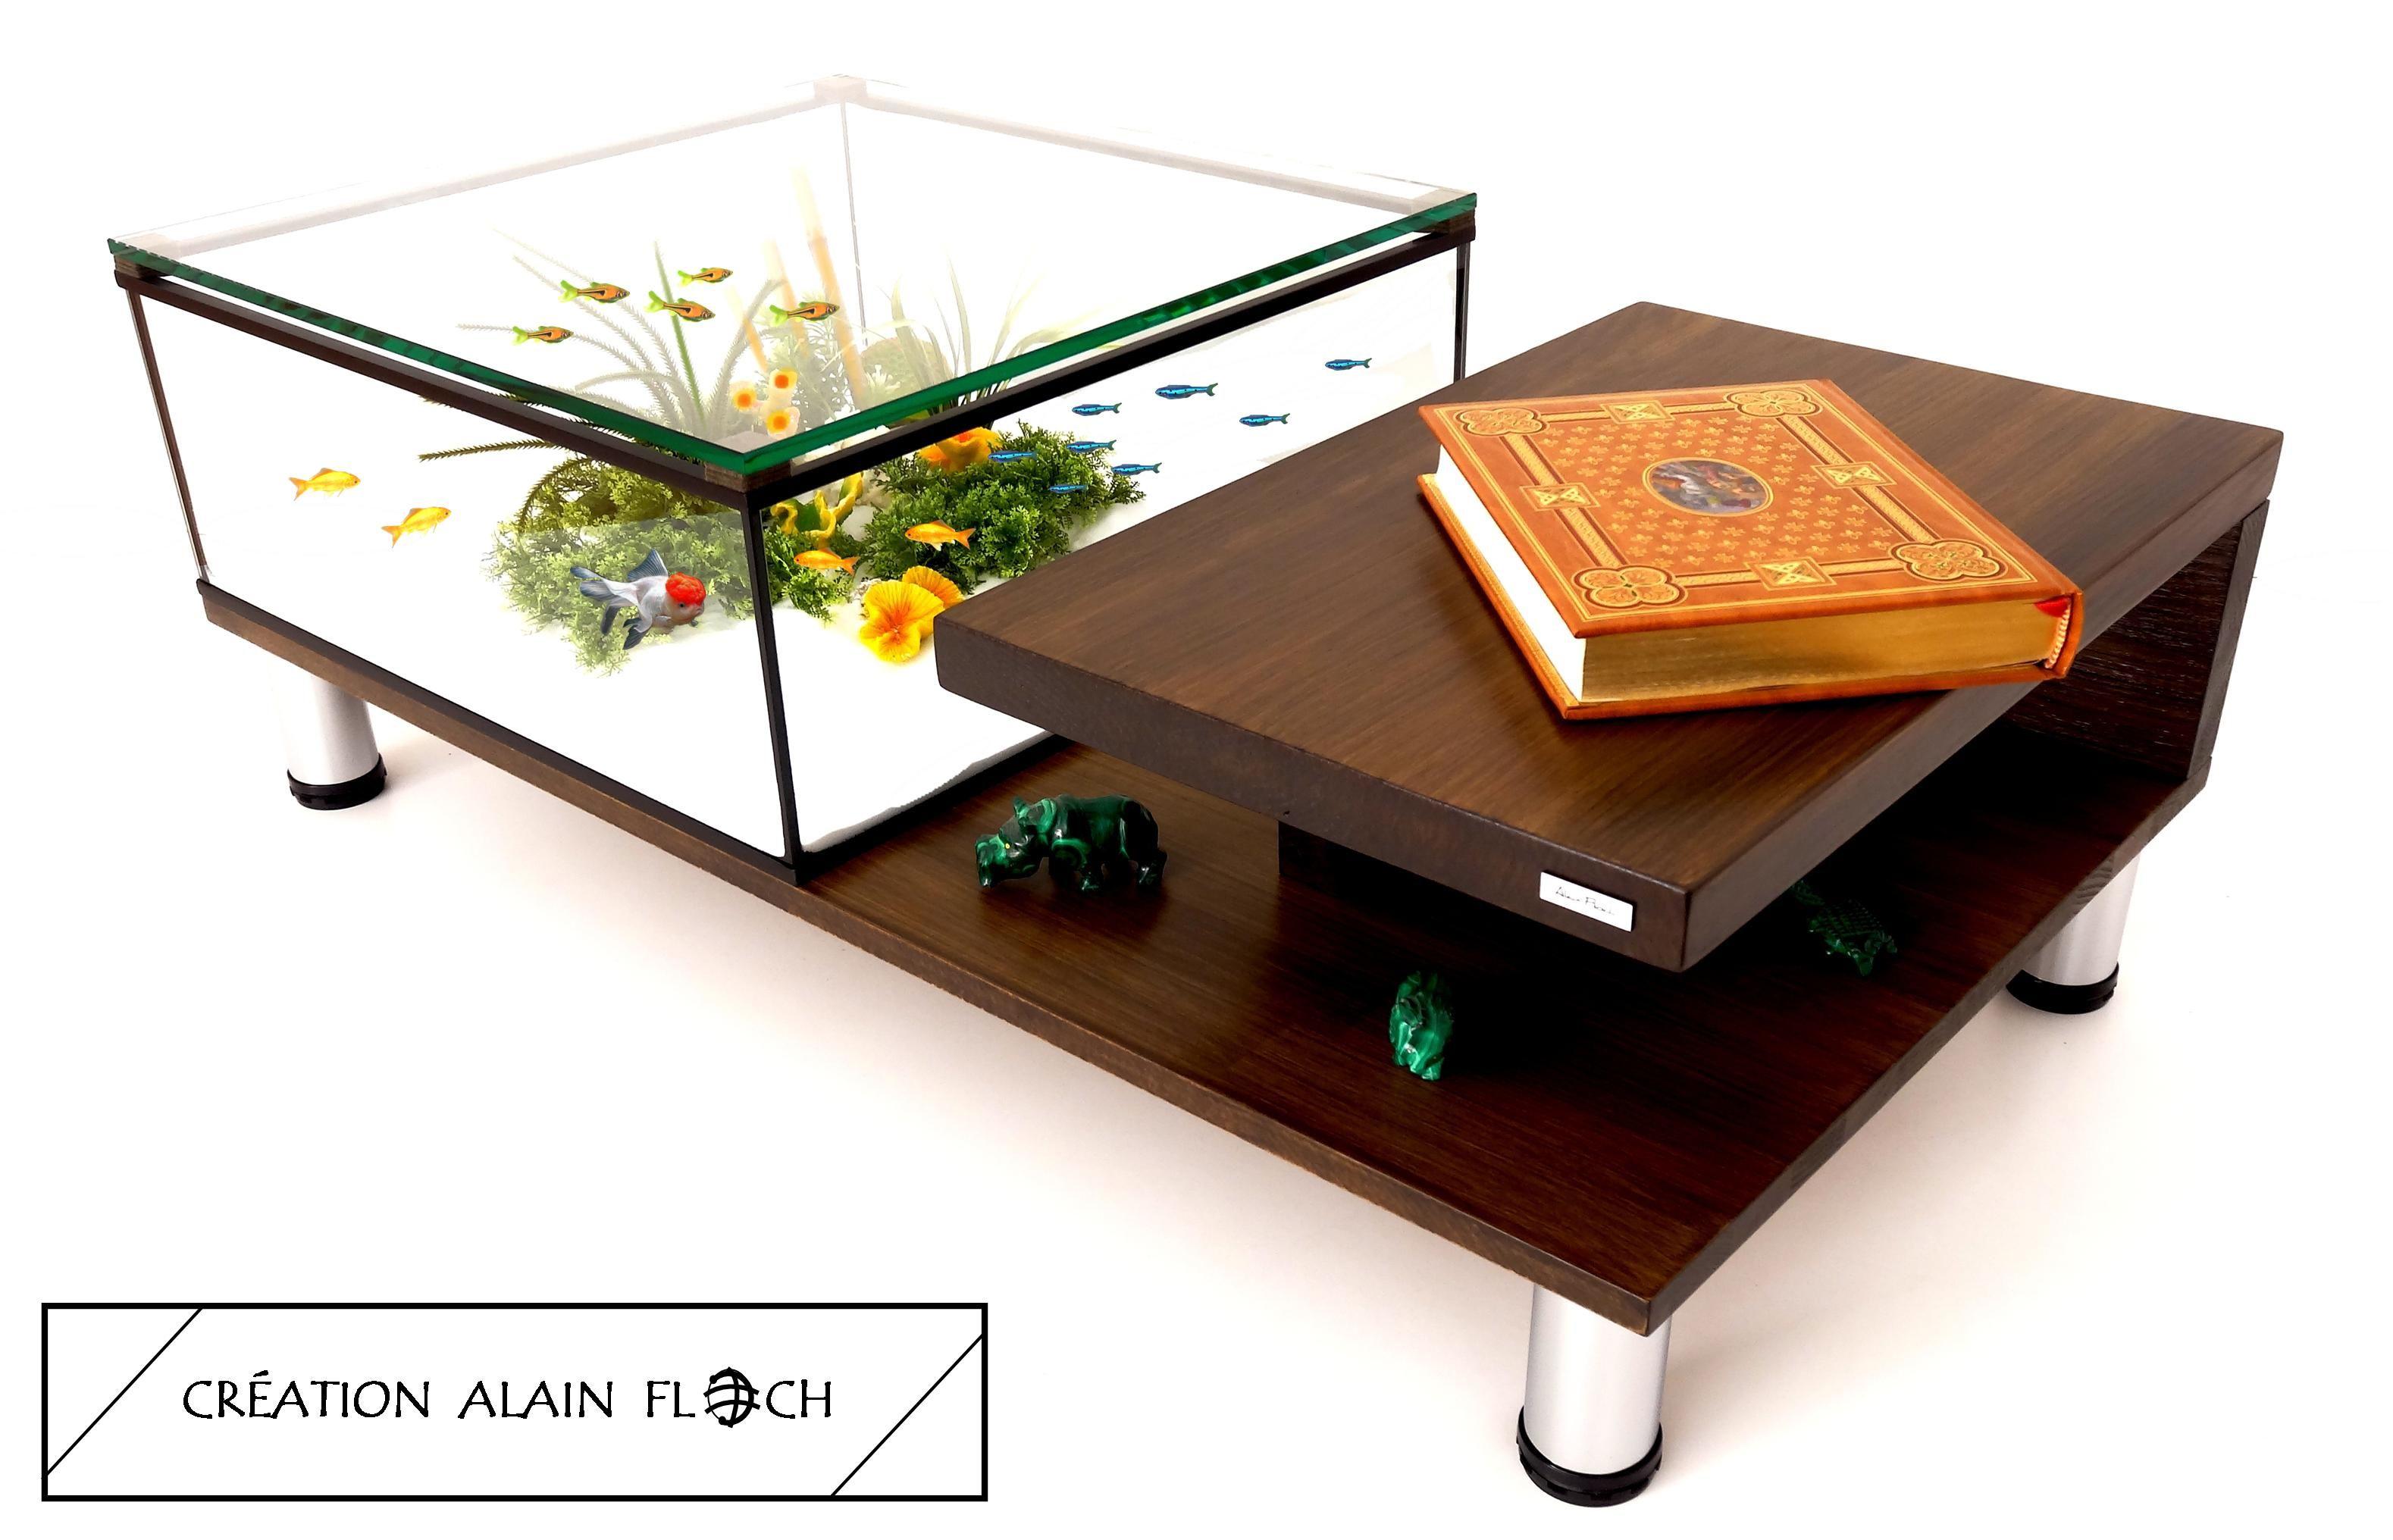 Et Aquarium Basse 20 Led Sans Massif Bois Table Annabelia En Fil nwN8mv0